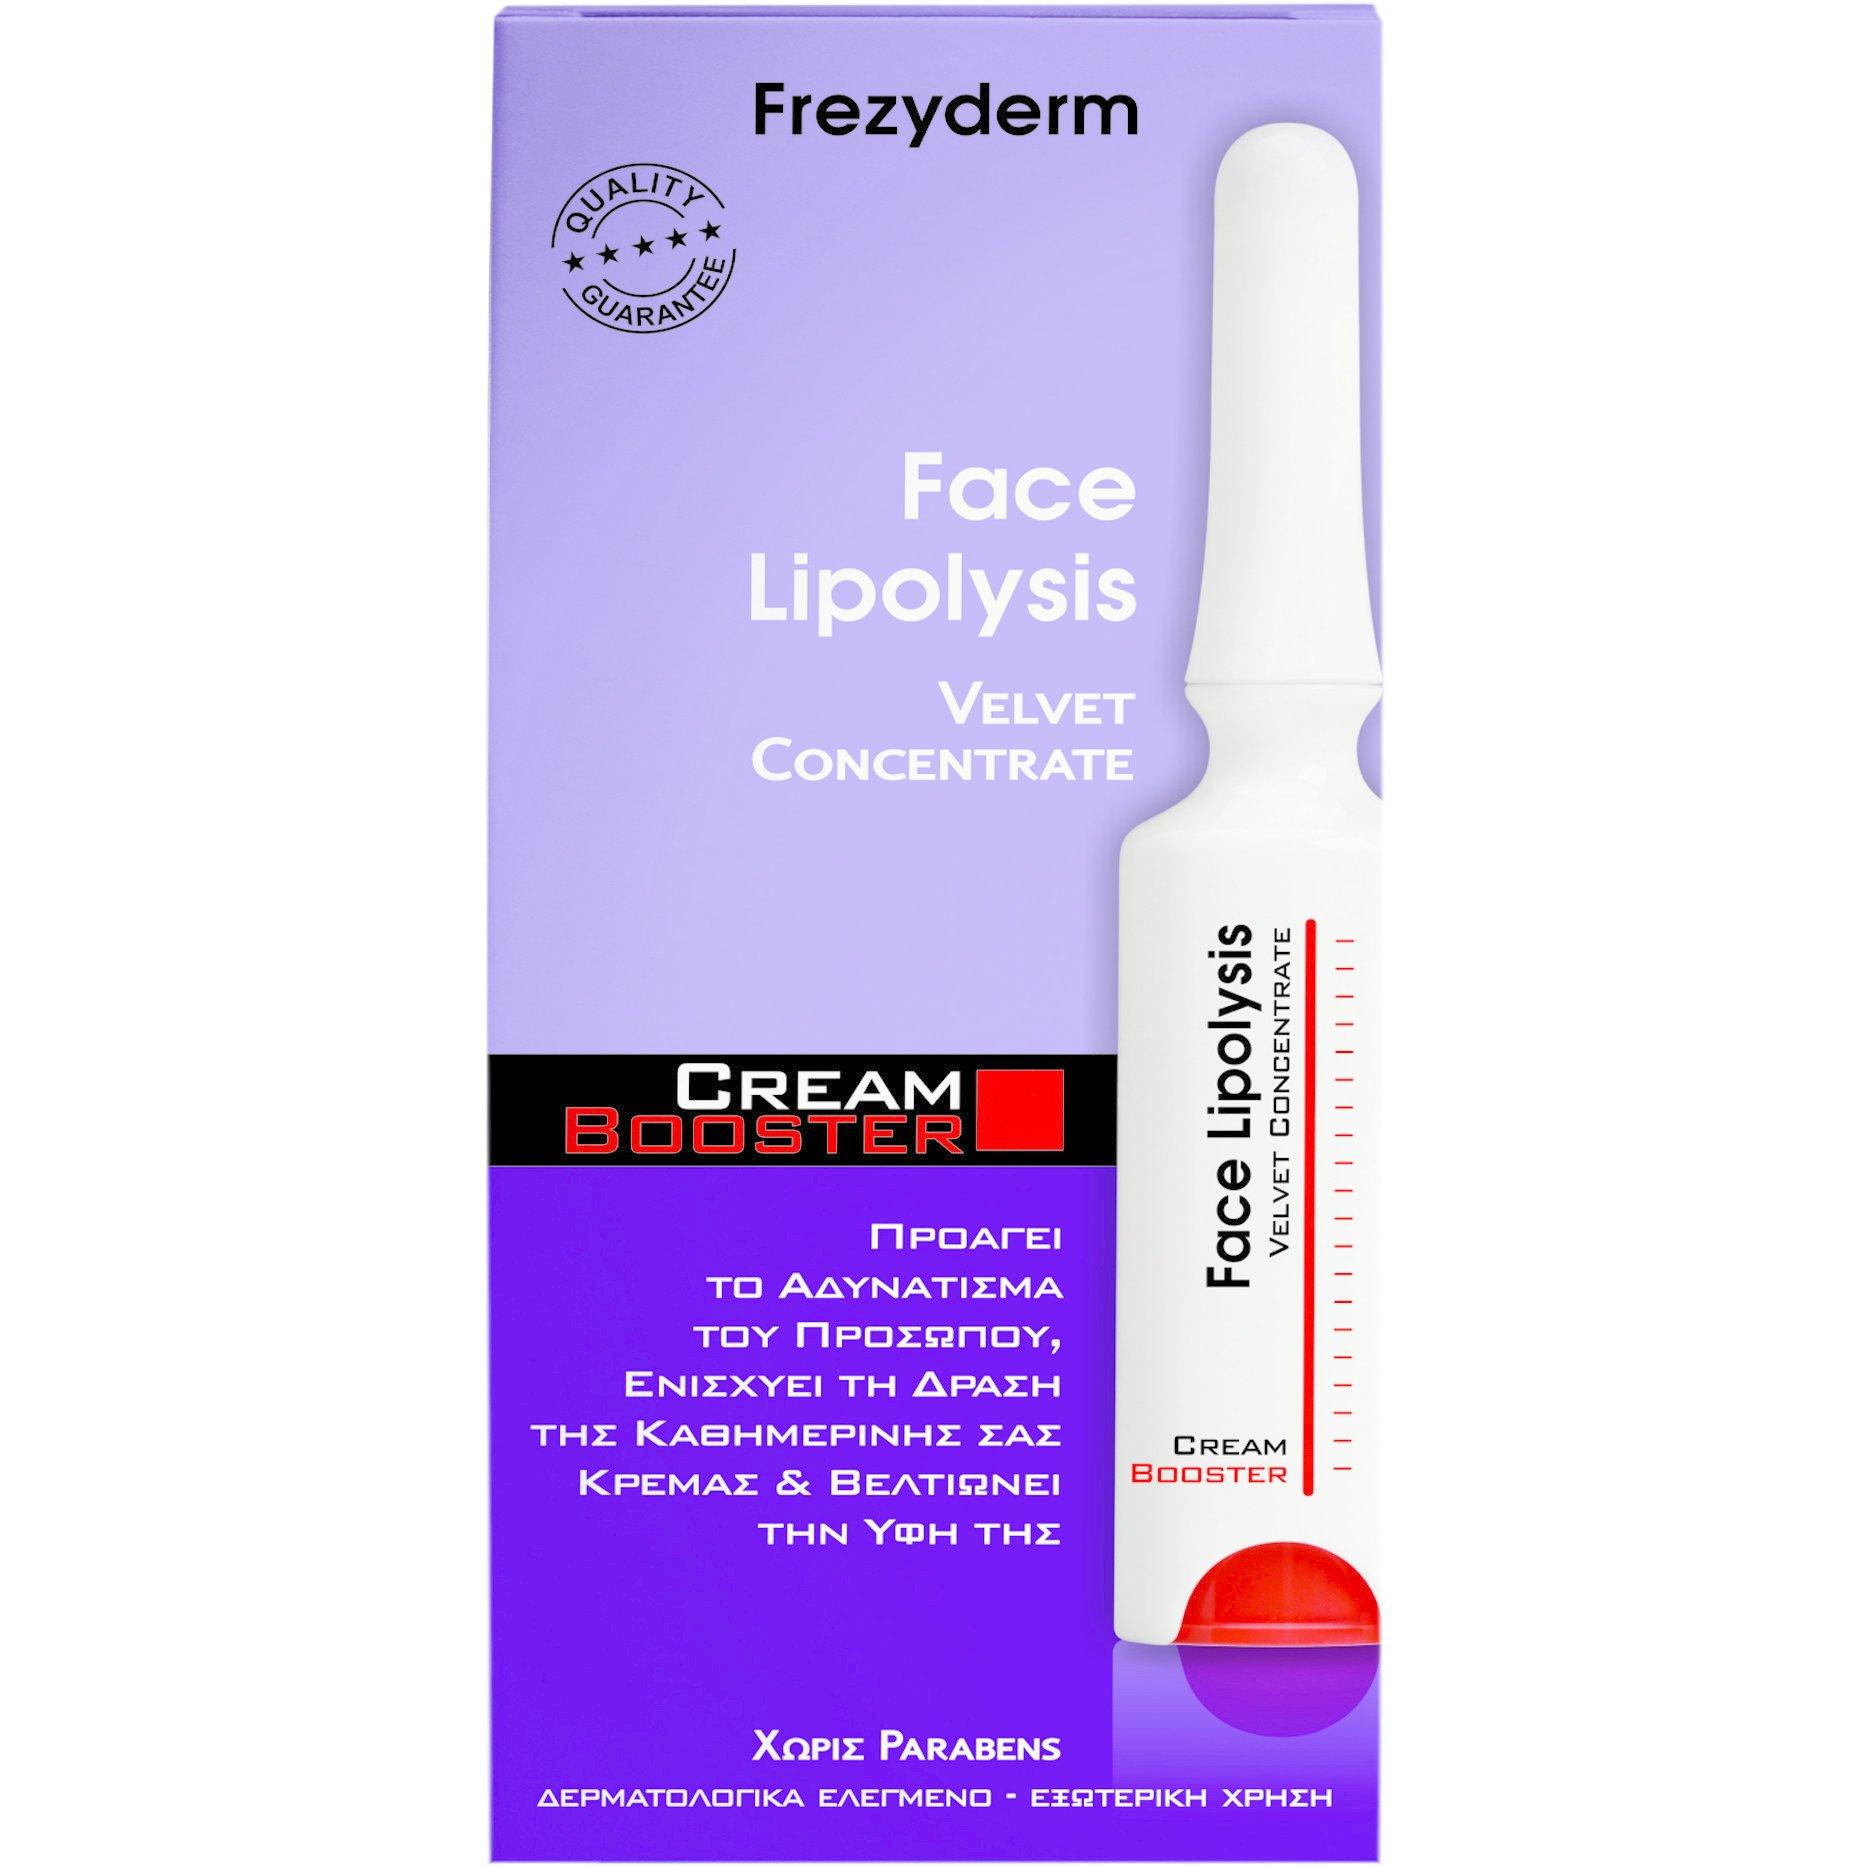 Frezyderm Face Lipolysis Cream Boosterμε Αντιφλεγμονώδη Δράση & Μείωση των Οιδημάτων (Αδυνάτισμα) 5ml